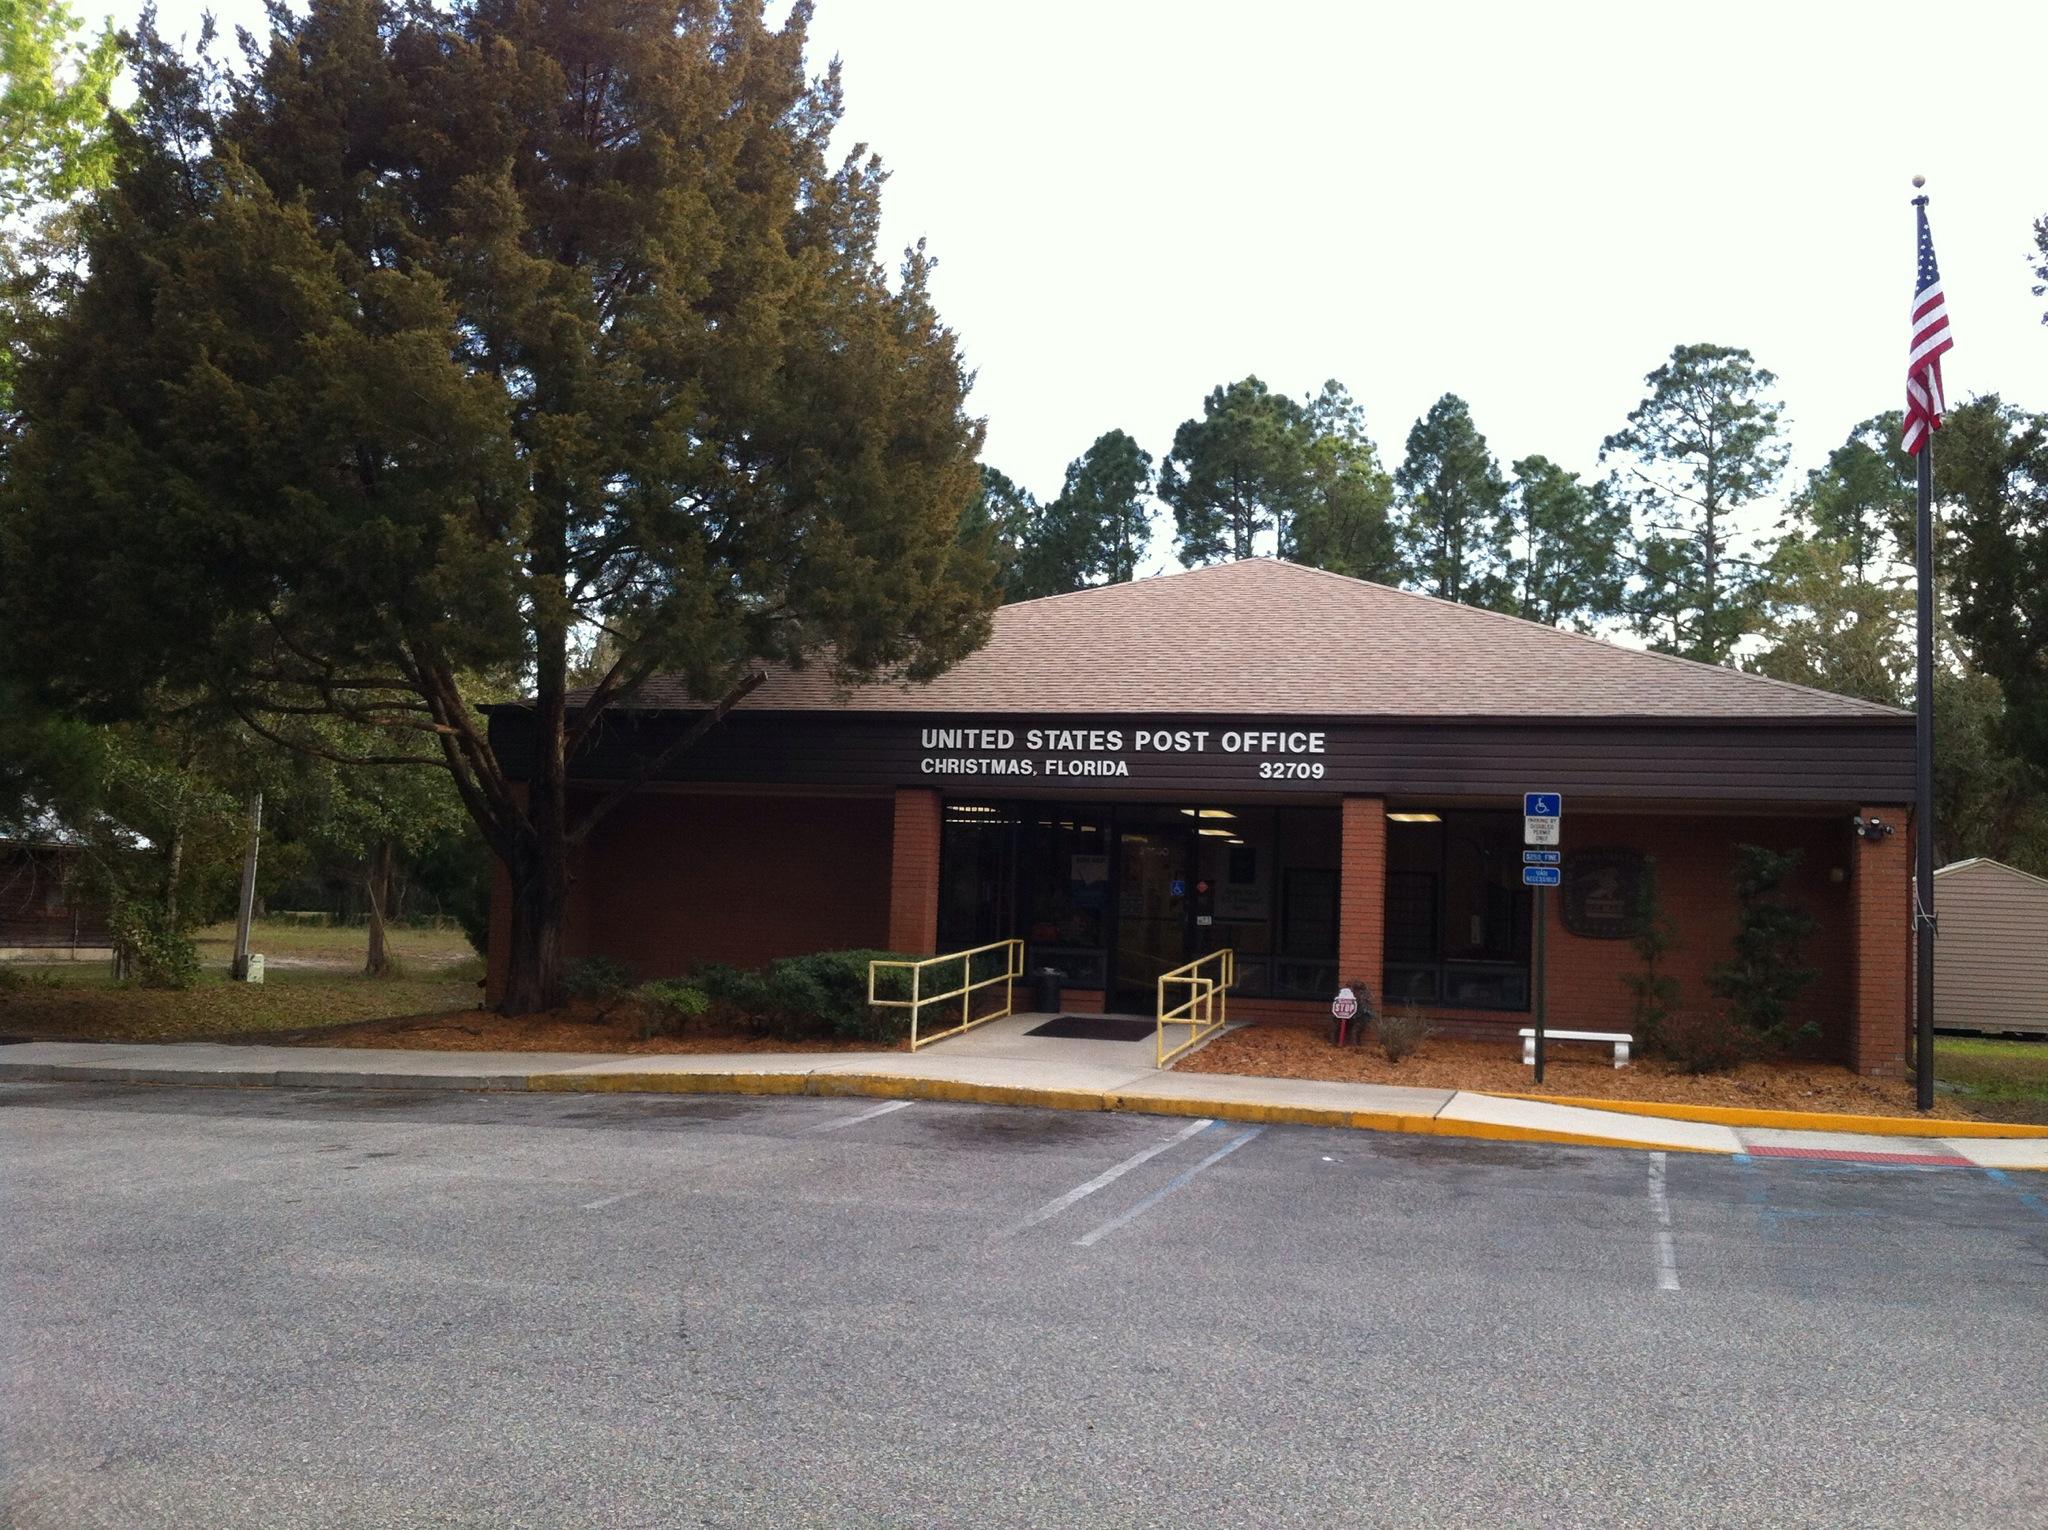 Christmas Florida Post Office